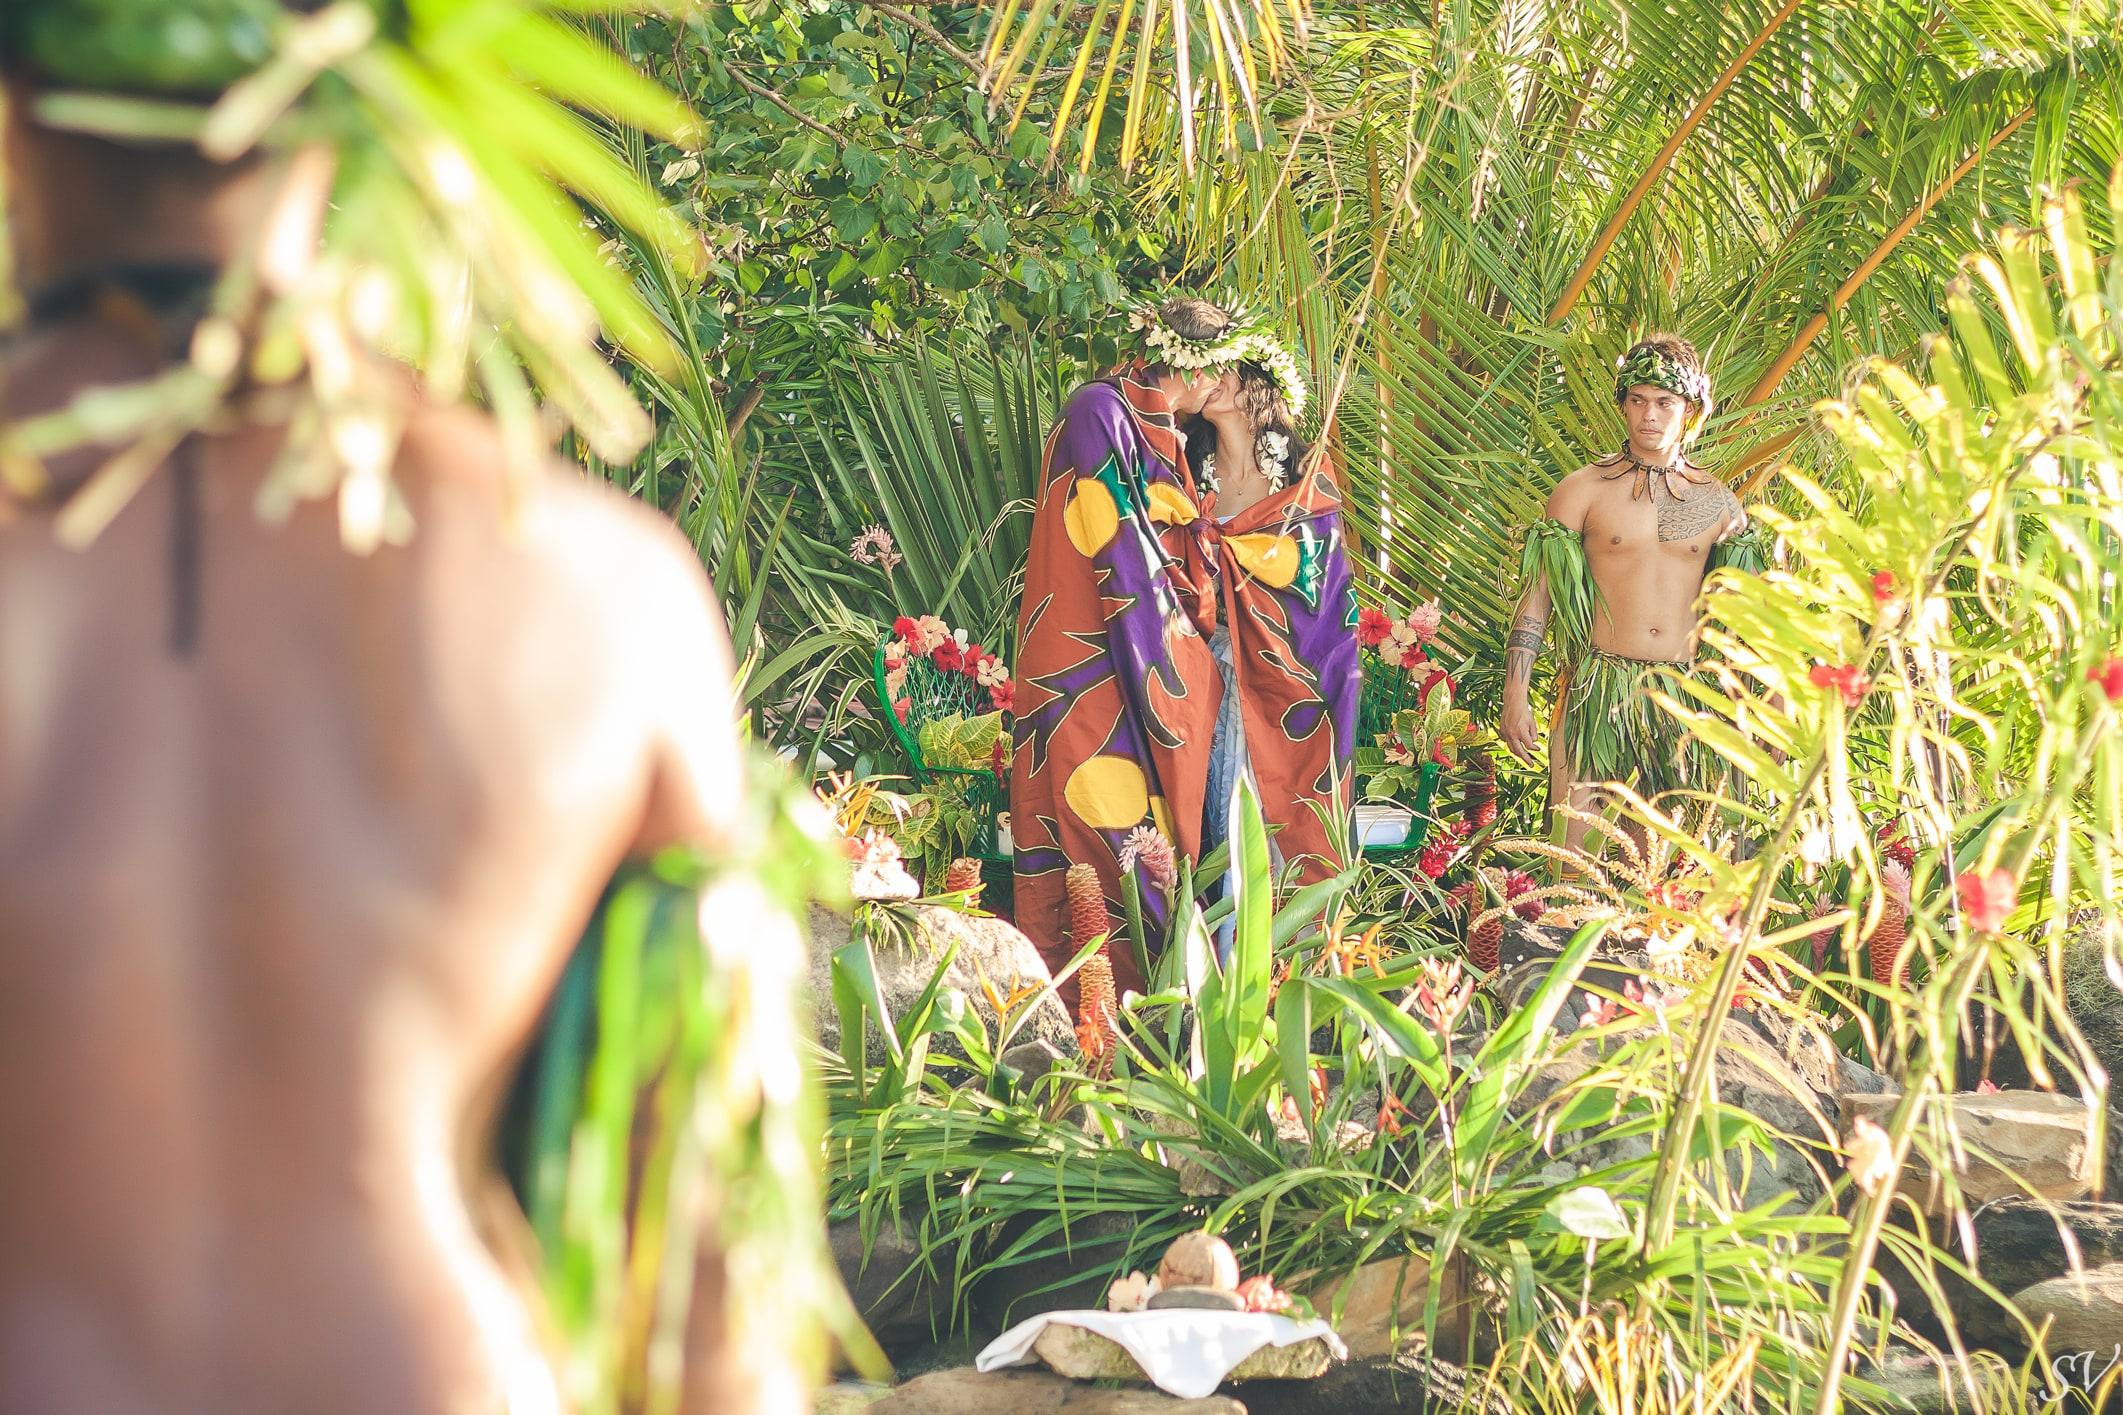 Tifaifai tradition, only in Polynesia